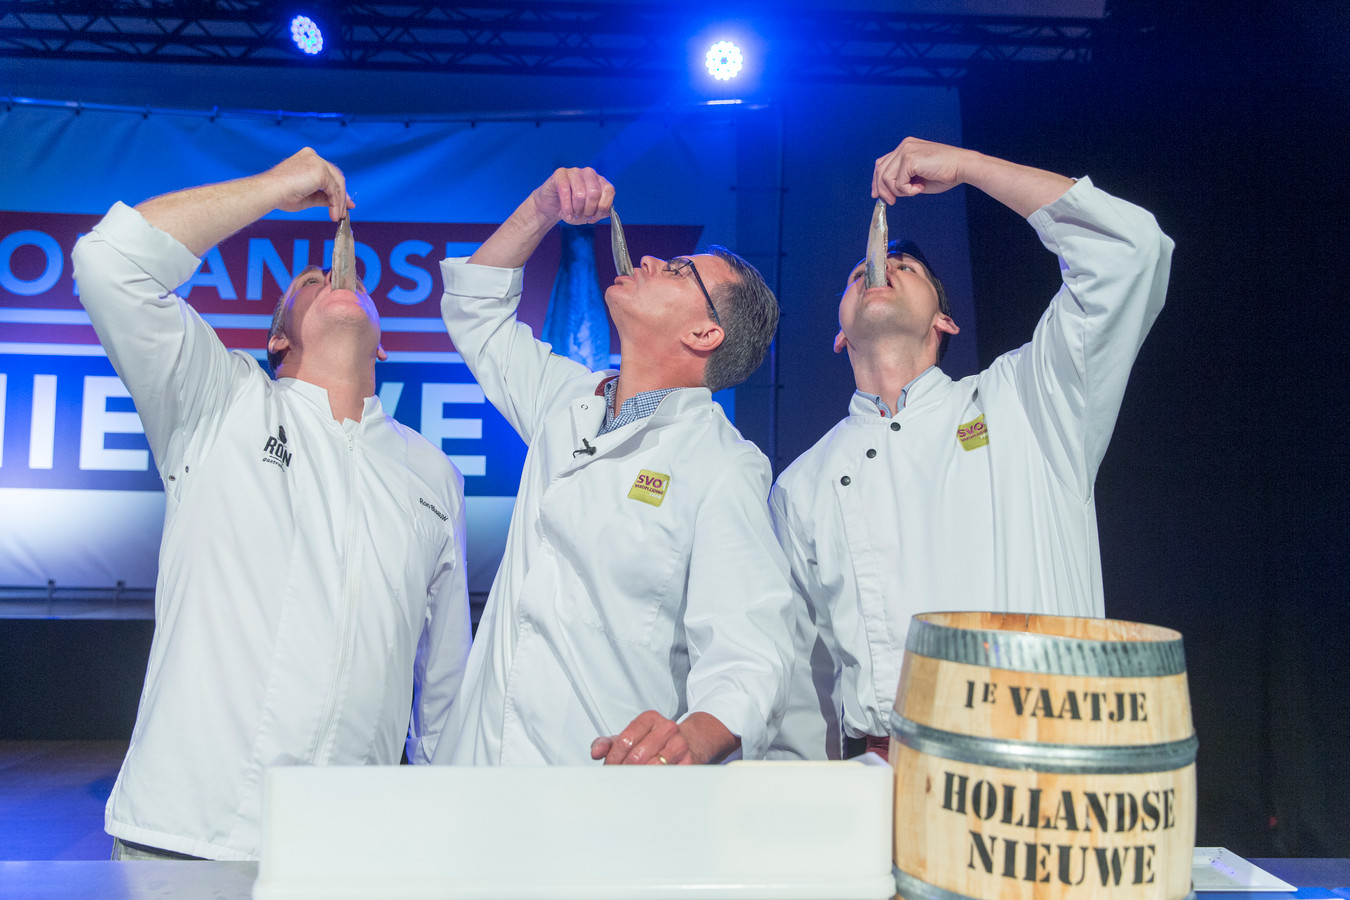 Archiefbeeld: Topkok Ron Blauw, Peter Koelewijn docent visopleiding en visspecialist Adriaan van Moort keuren haringen uit het eerste vaatje Hollandse Nieuwe op dat wordt geveild (2016)